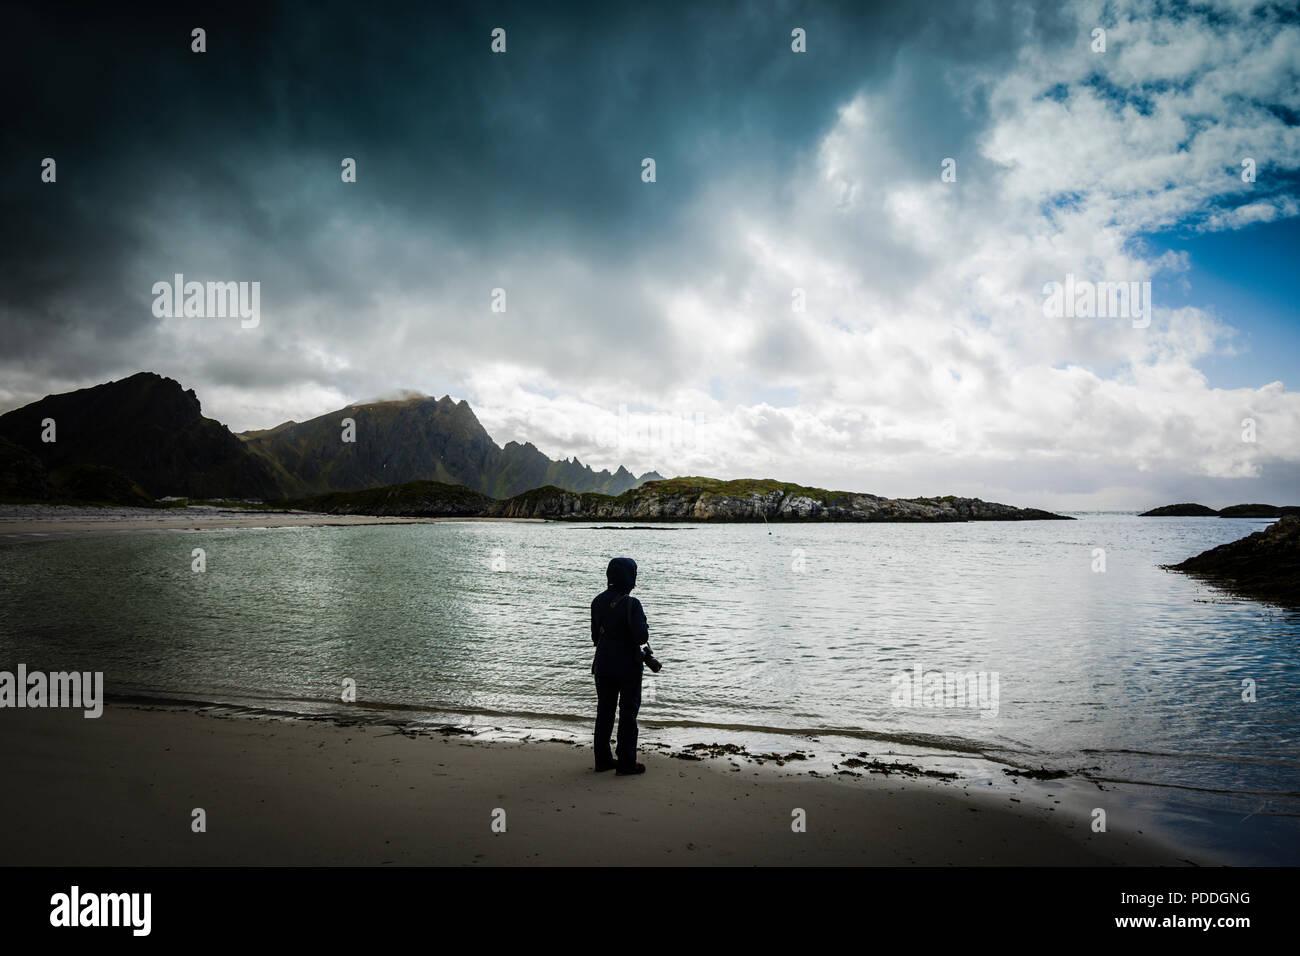 Lone femmina in un giorno di tempesta a Andenes beach, Vesteralen, Norvegia. Immagini Stock